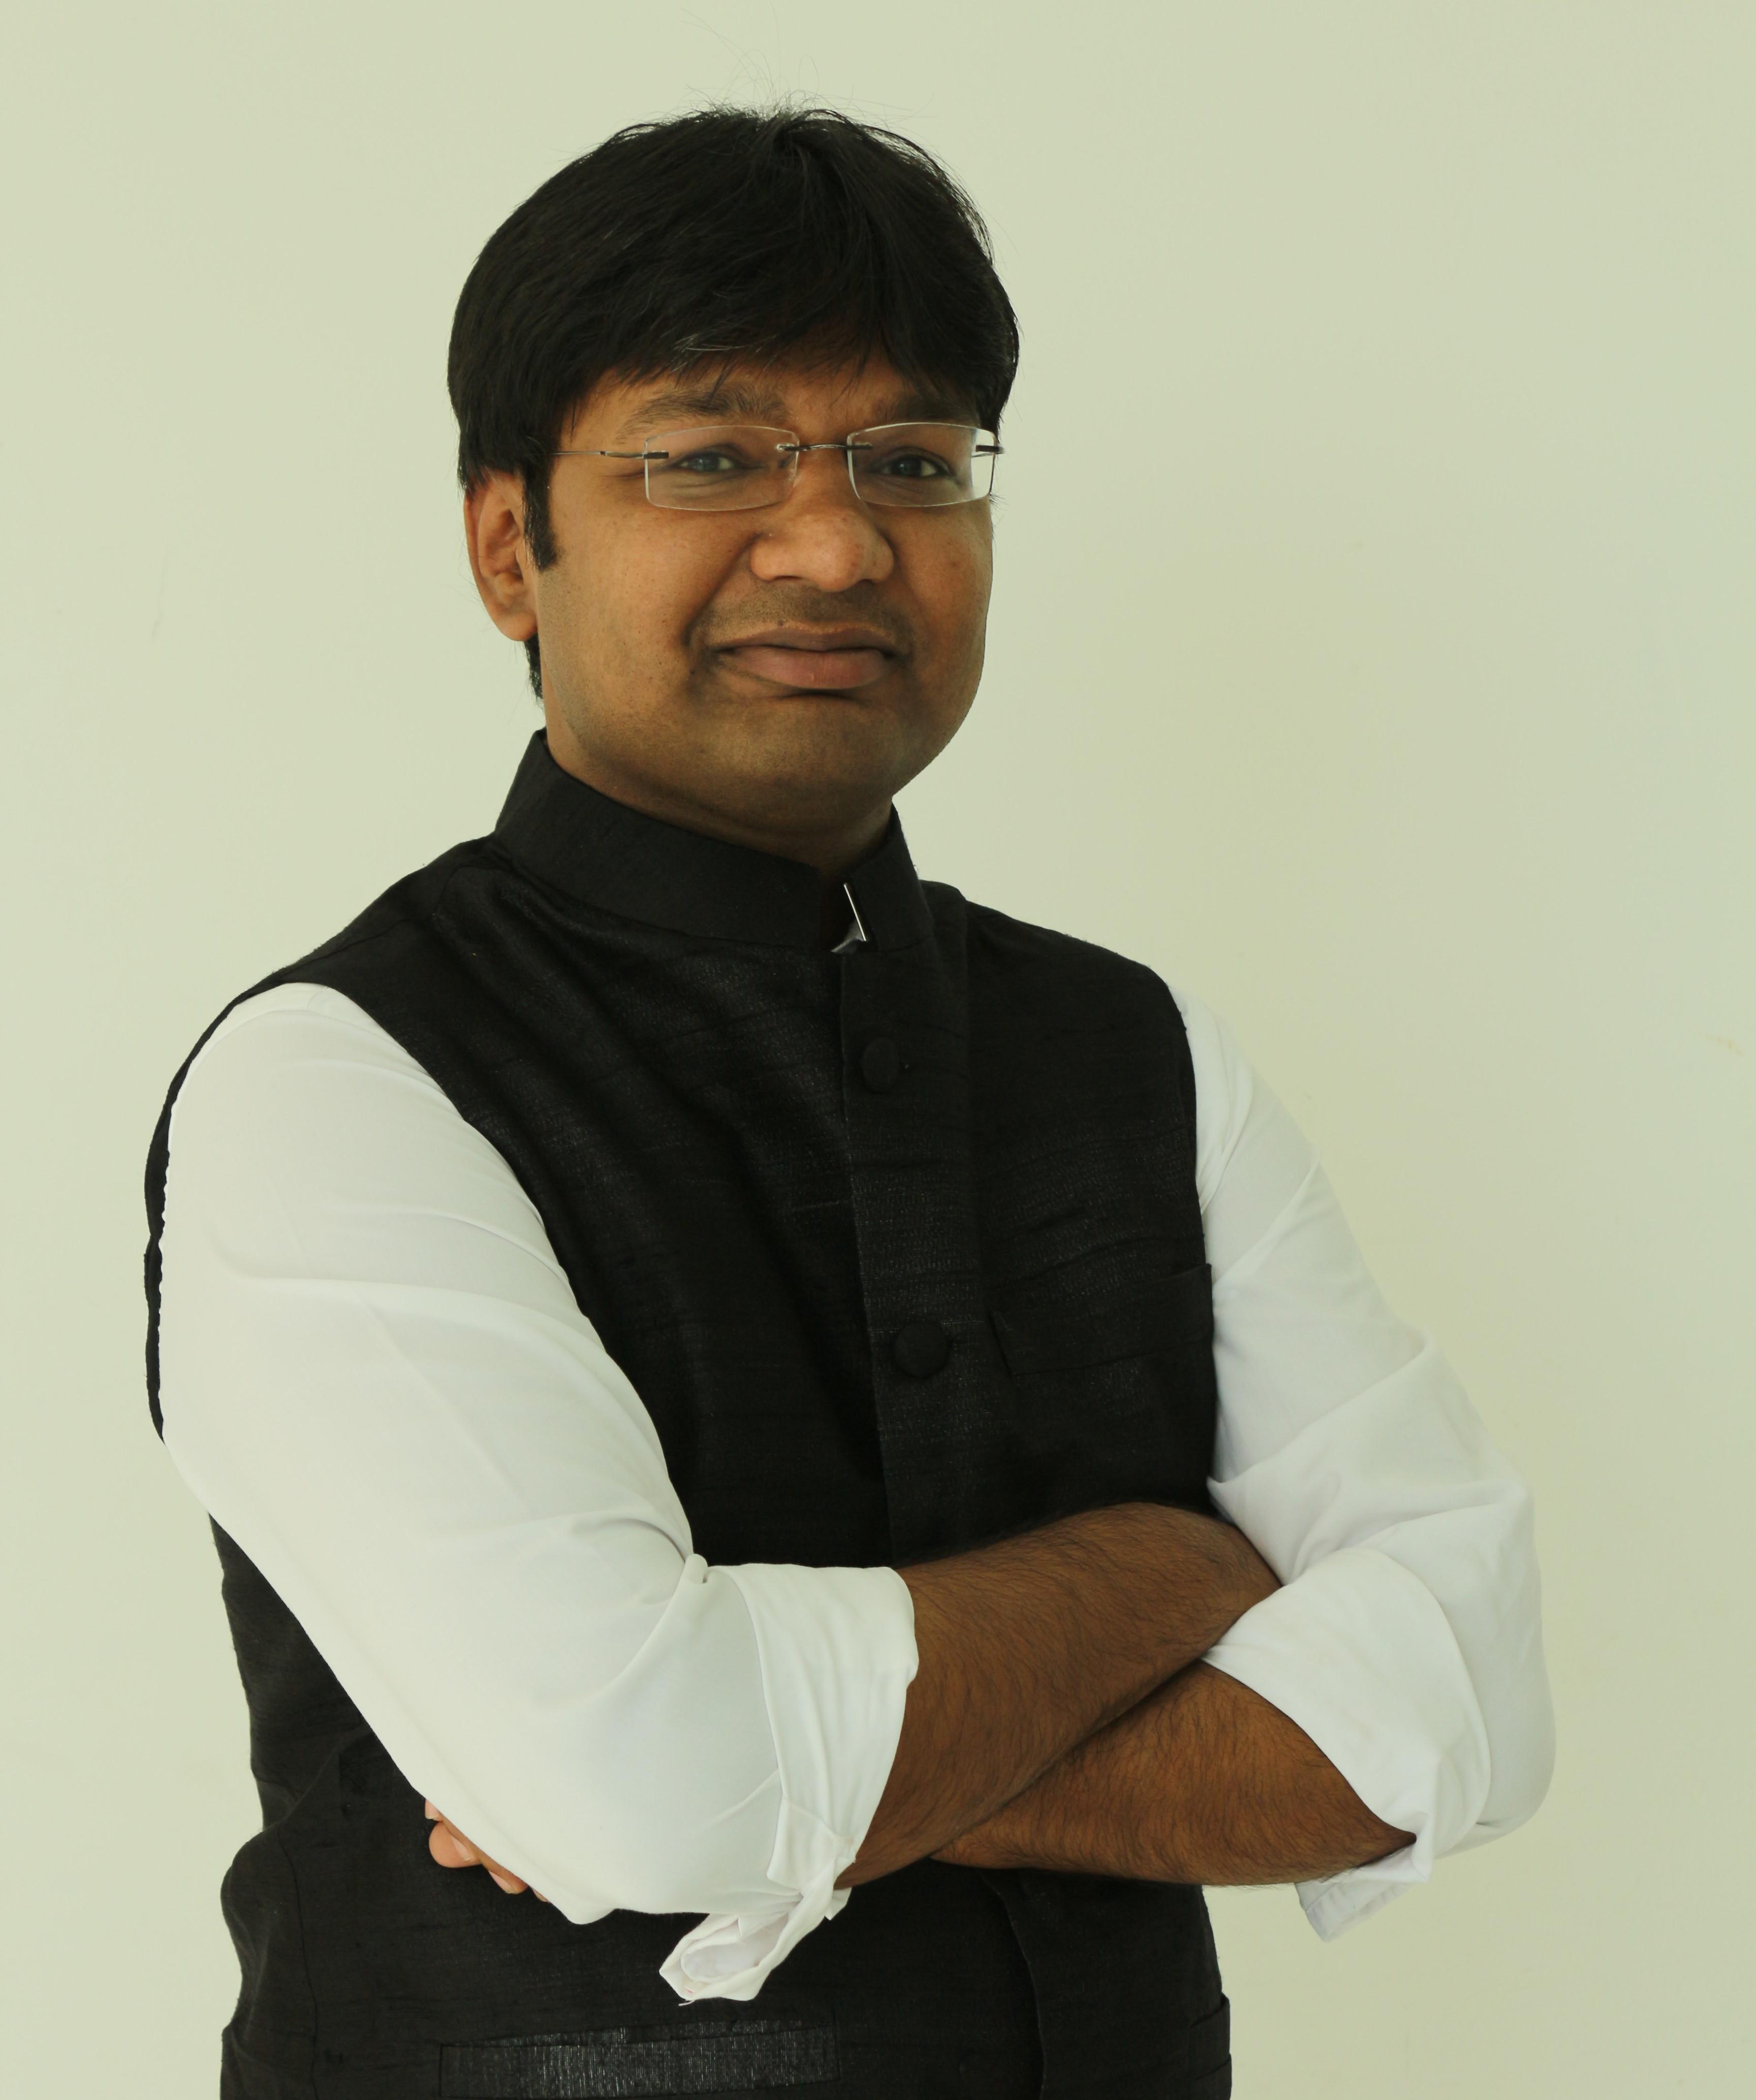 Shashank Abhinav